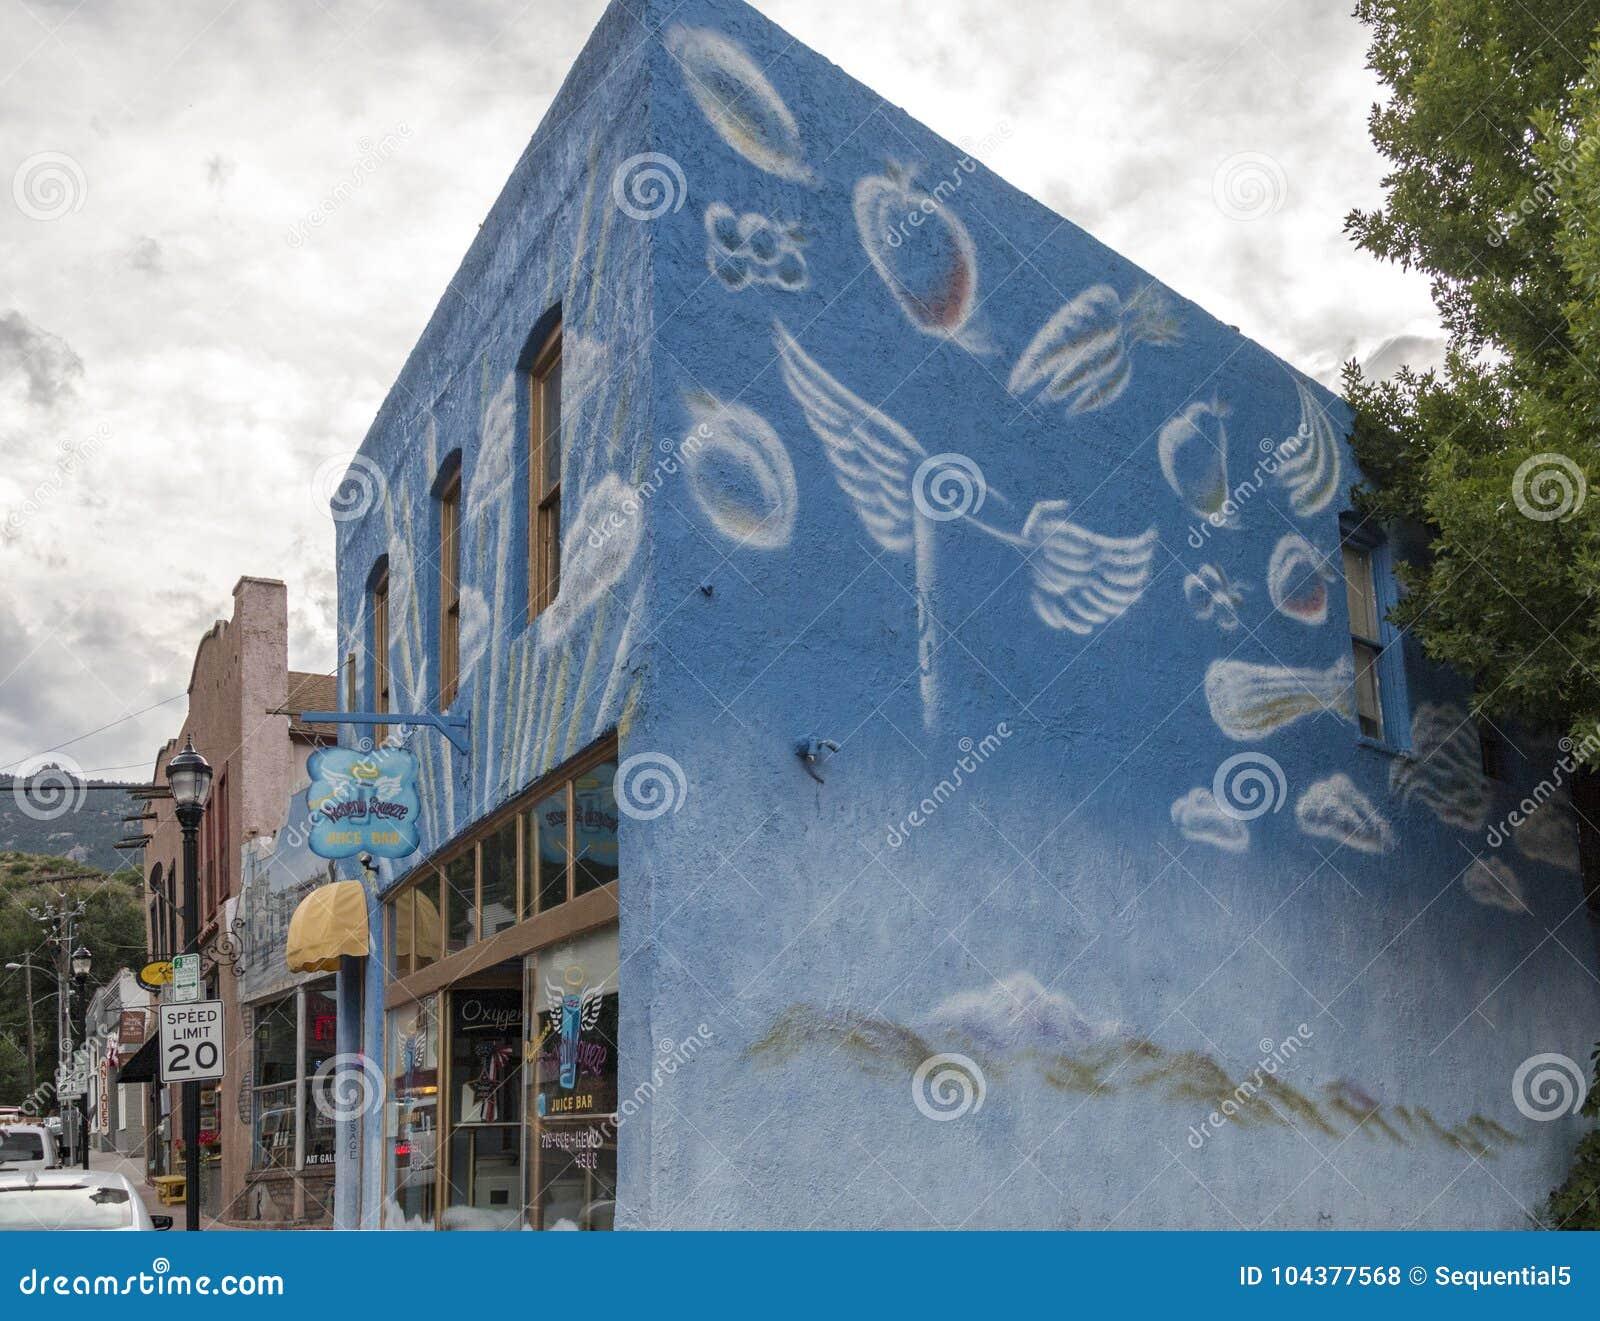 Compression merveilleuse en ressorts de Manitou, le Colorado